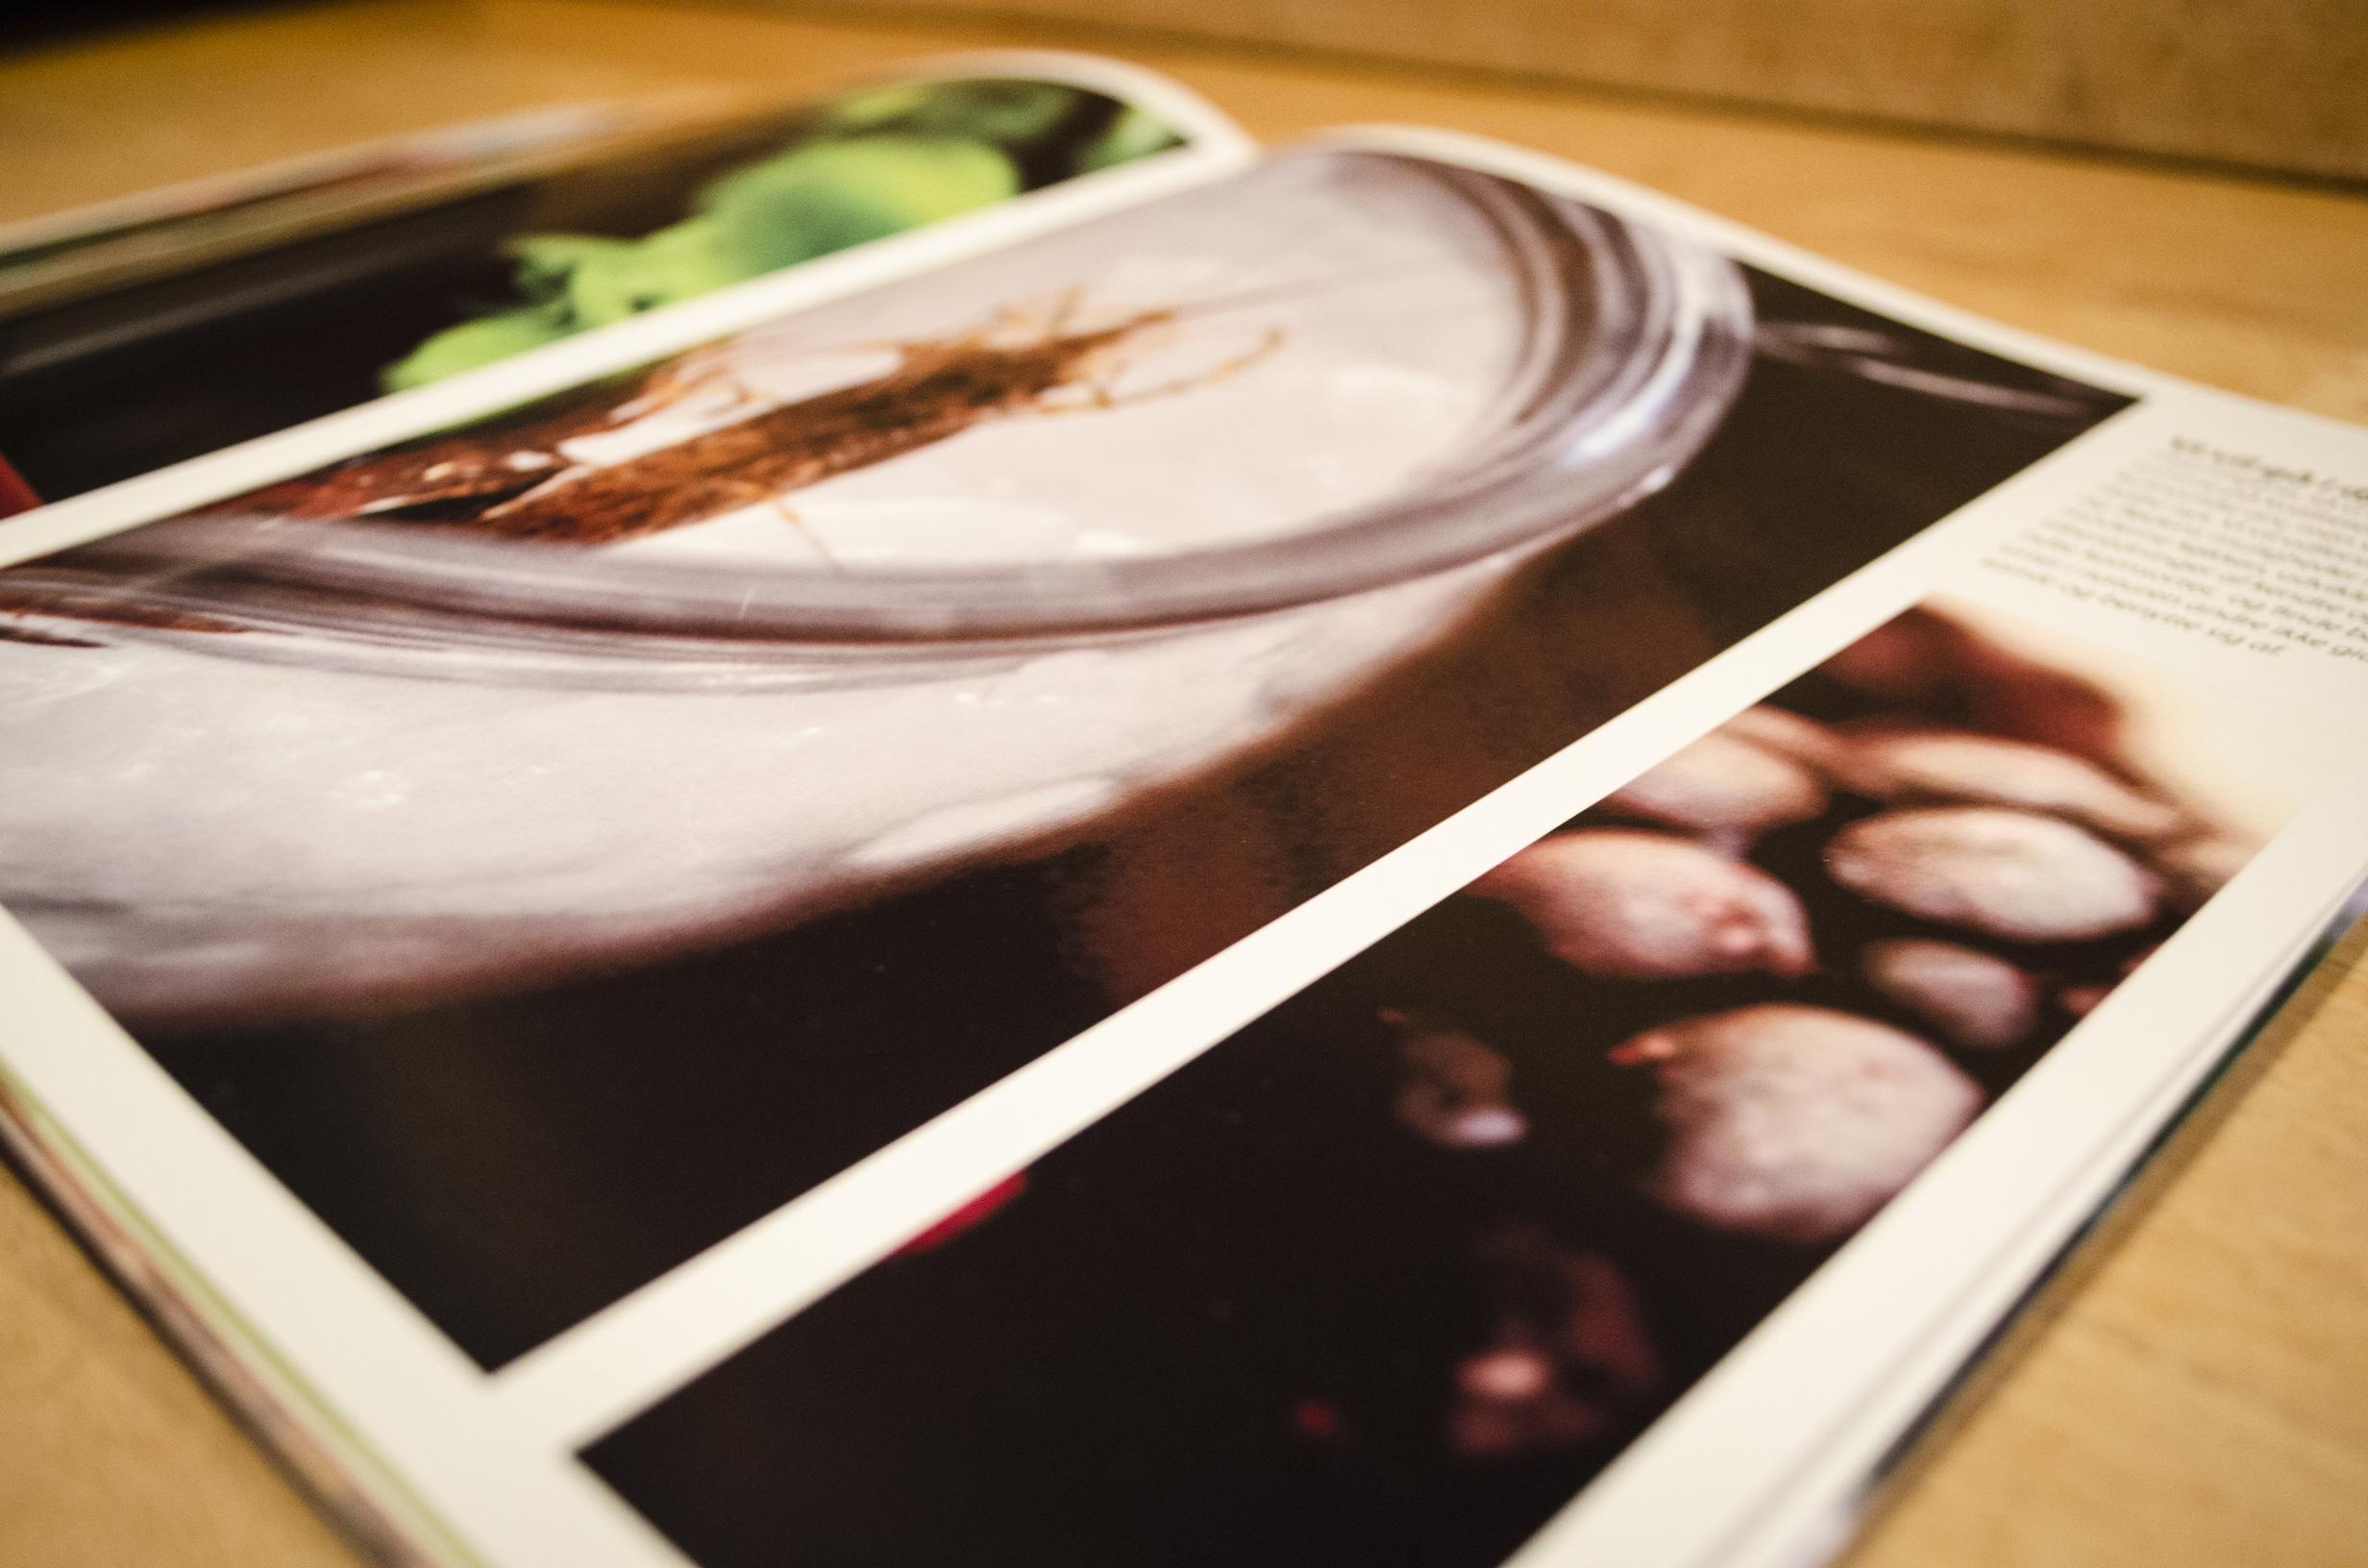 noma brochure 044.jpg